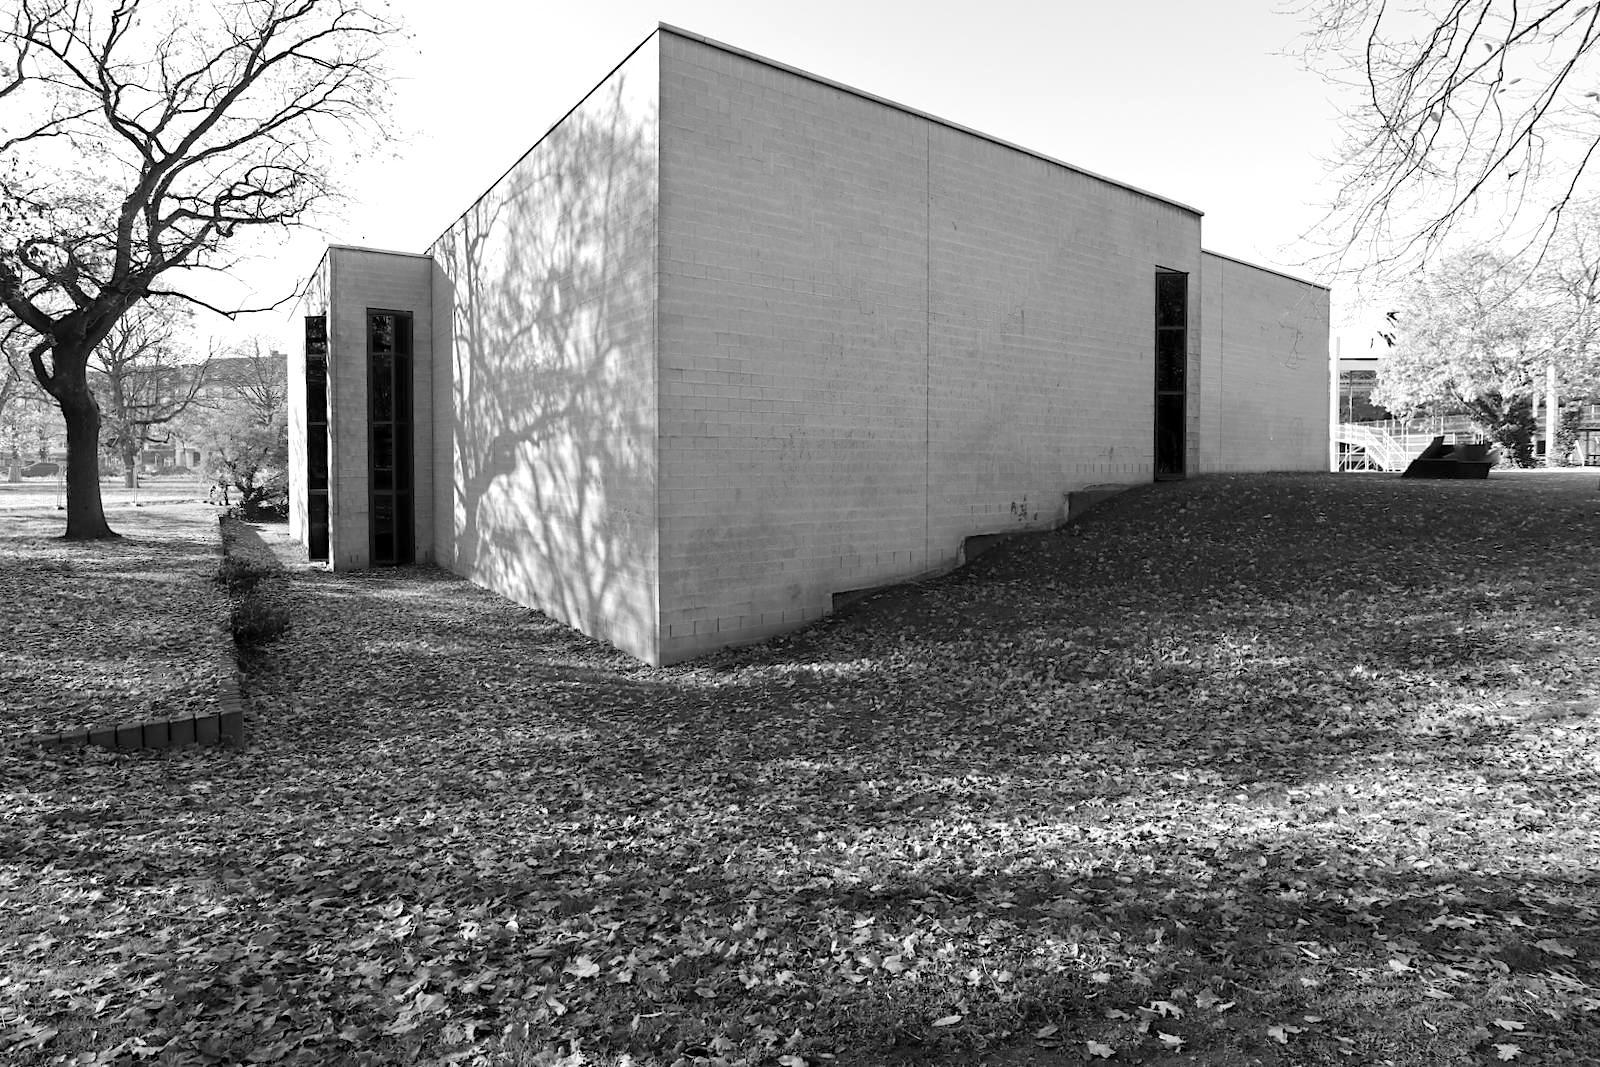 Lehmbruck Museum. Für die Erweiterung 1987, ebenfalls von Manfred Lehmbruck, löst er sich von der strengen Anordnung seiner rechtwinklig zueinander stehenden Kuben von 1964.